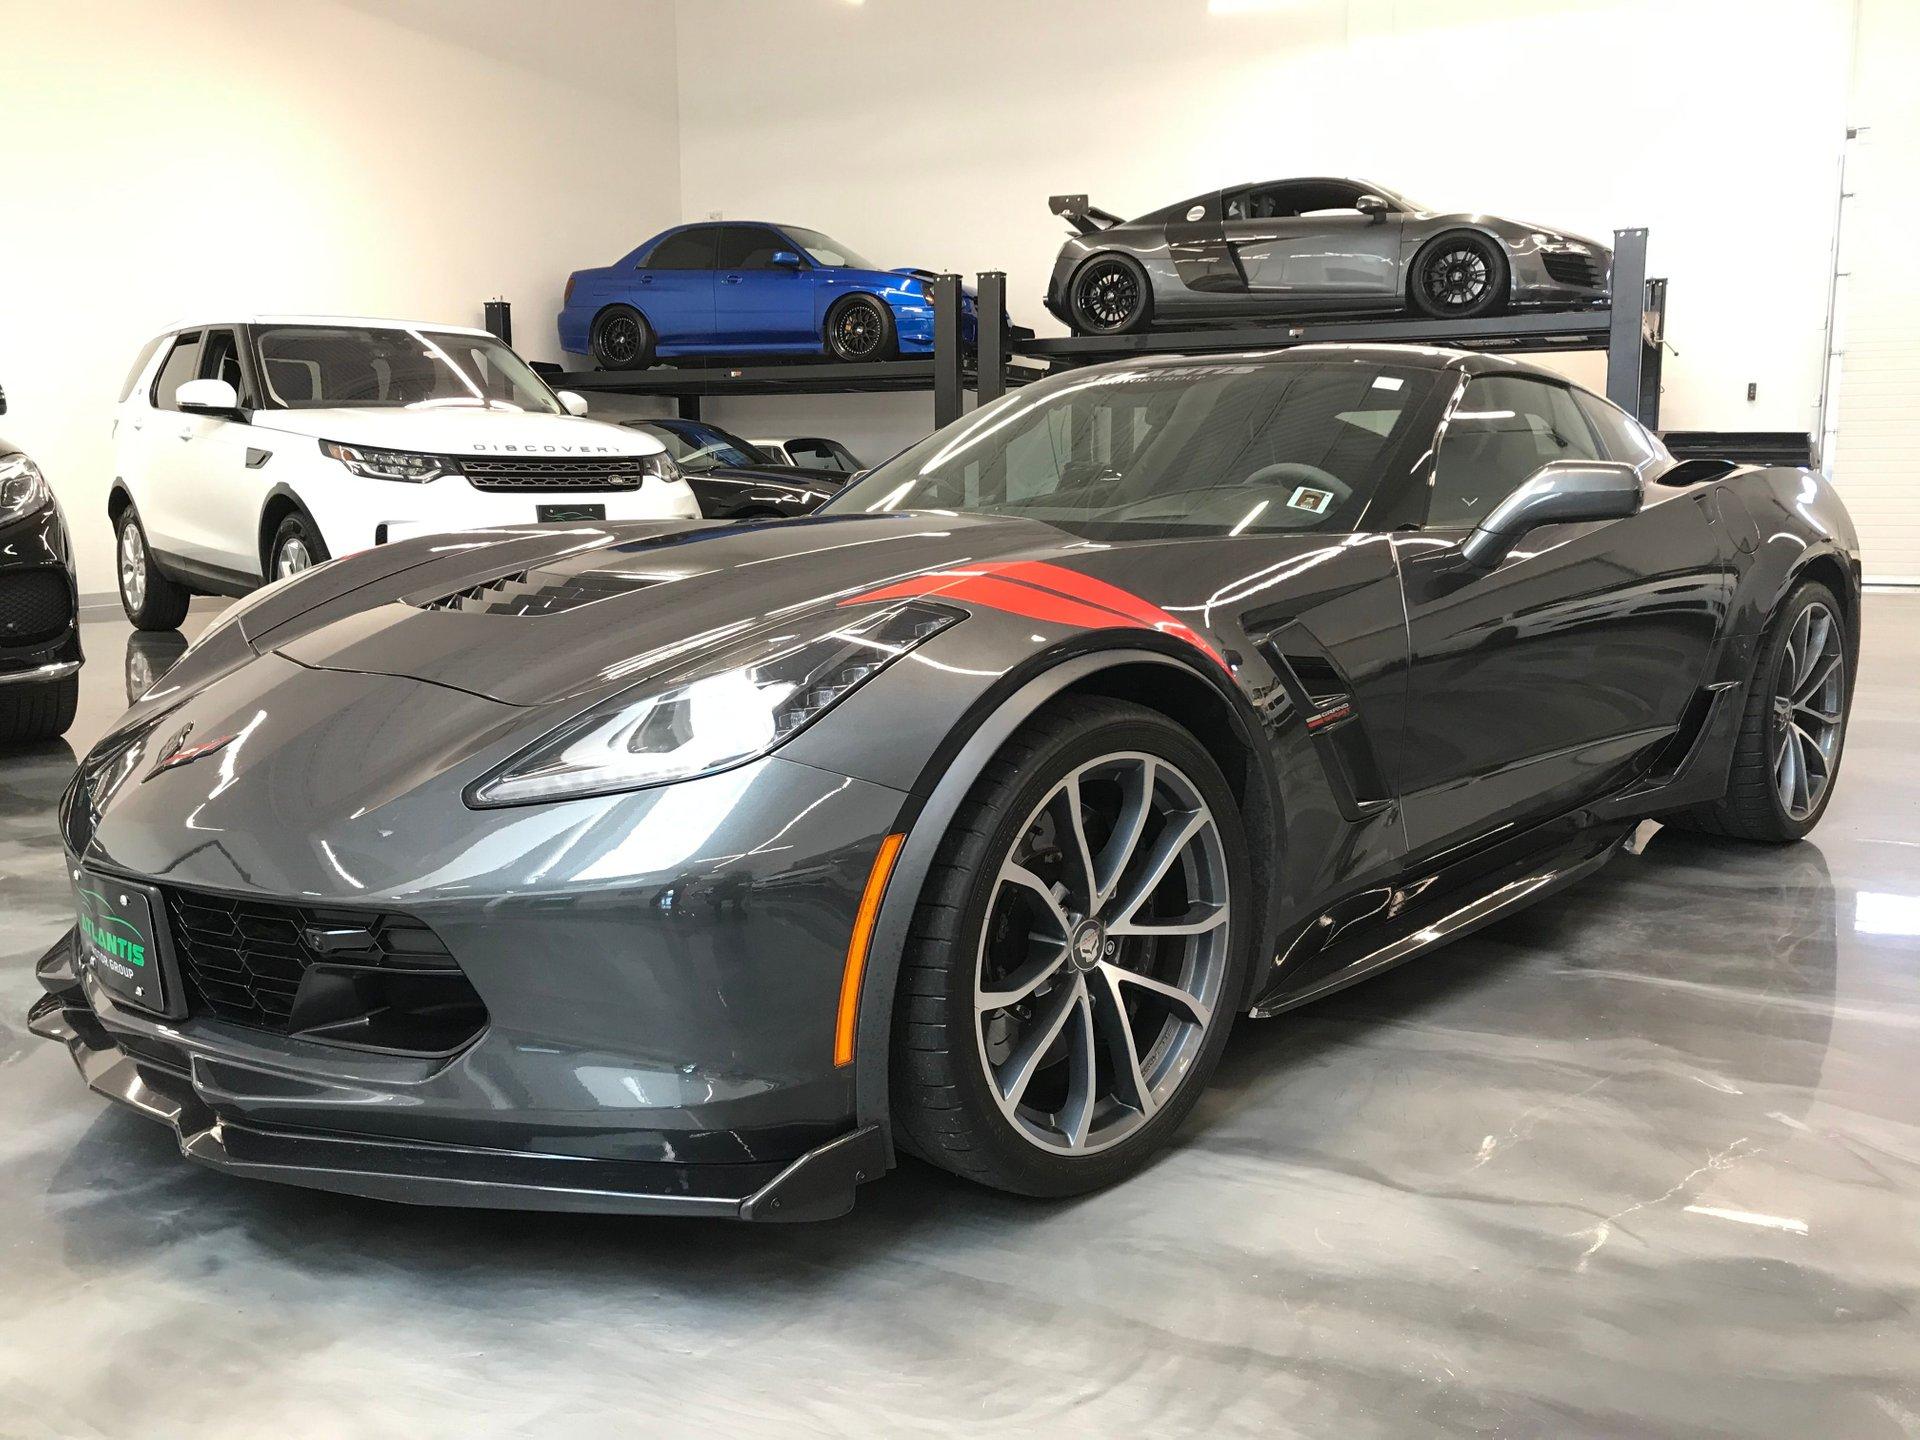 2017 chevrolet corvette sold unit 2dr grand sport cpe w 2lt